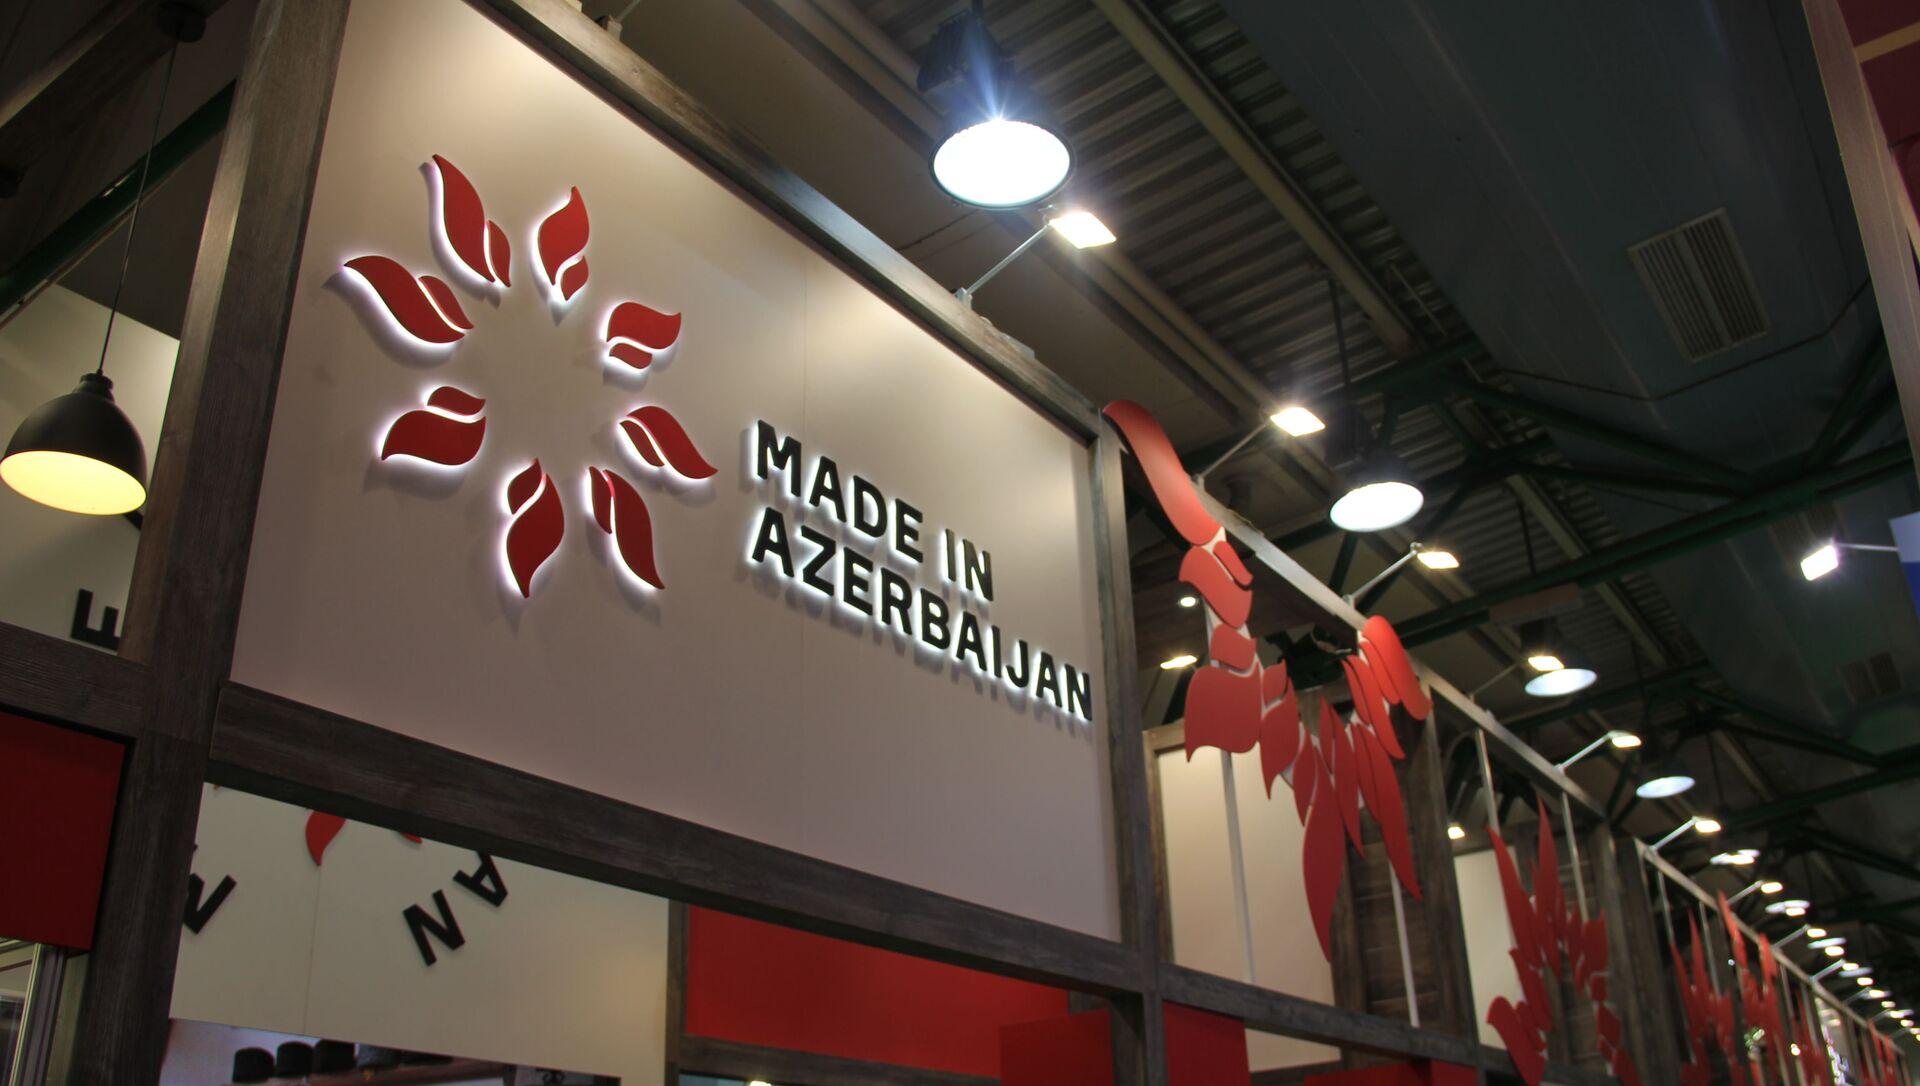 Под слоганом Made in Azerbaijan проходит международная продуктовая выставка Продэкспо-2019 в Москве - Sputnik Azərbaycan, 1920, 14.09.2021